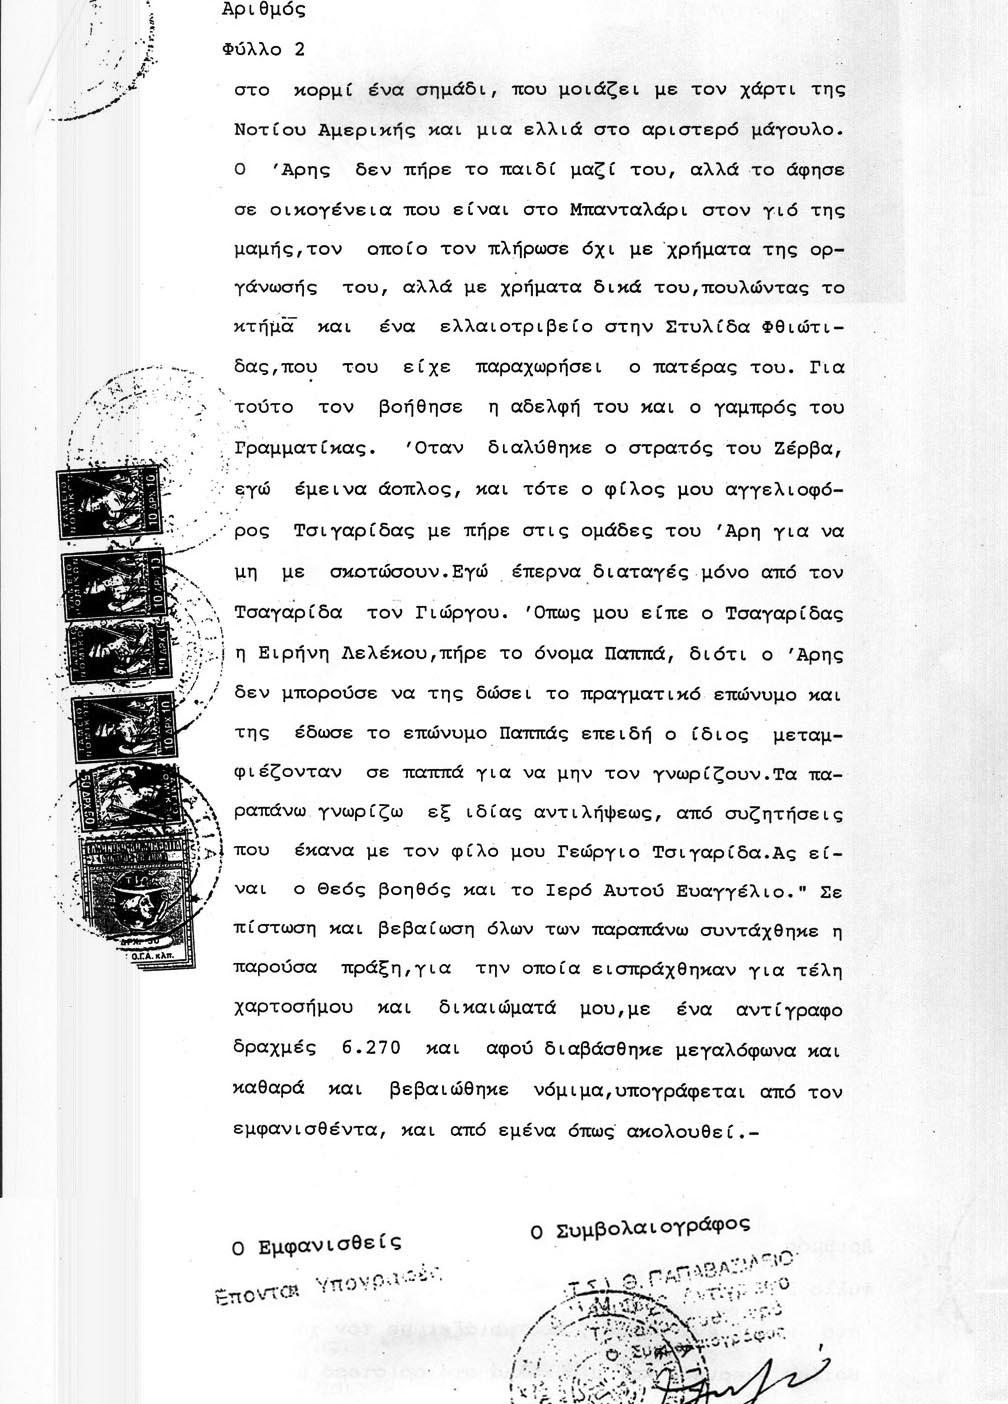 Ένορκη κατάθεση Ραϊα σελ 3